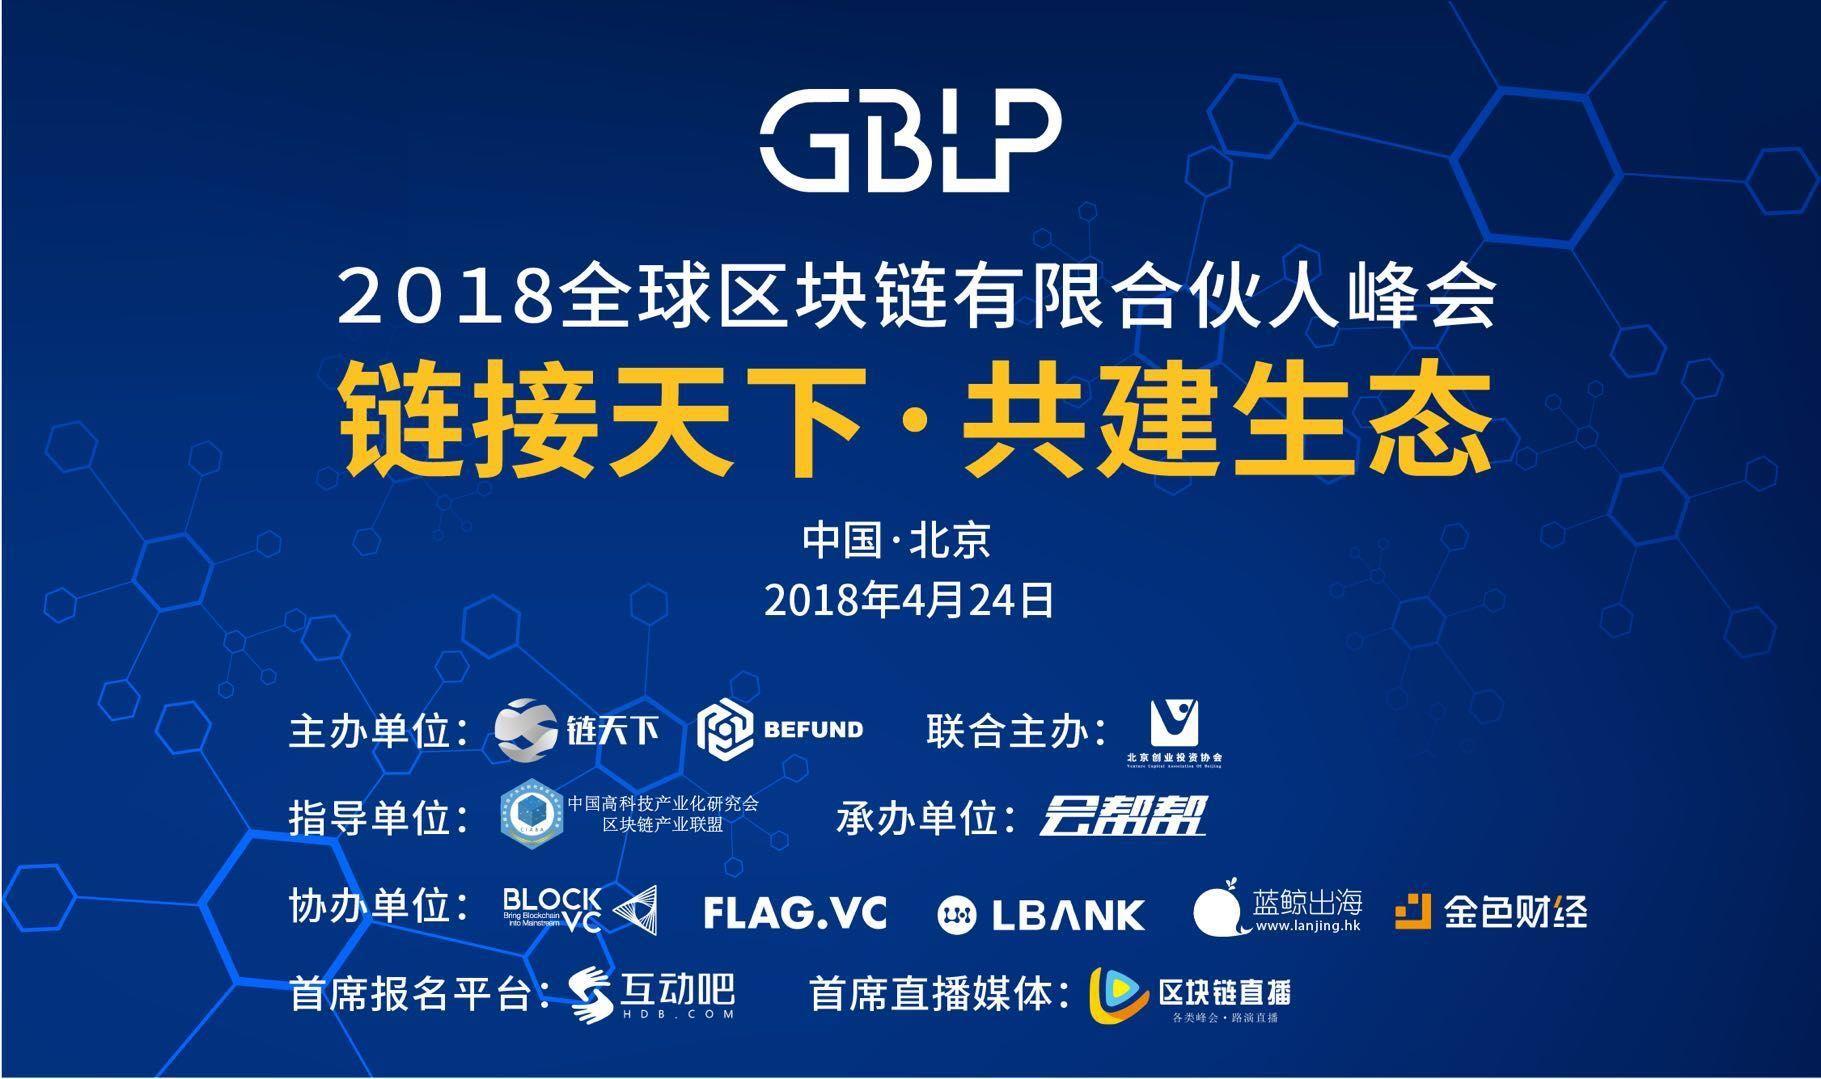 2018全球区块链有限合伙人峰会(GBLP)